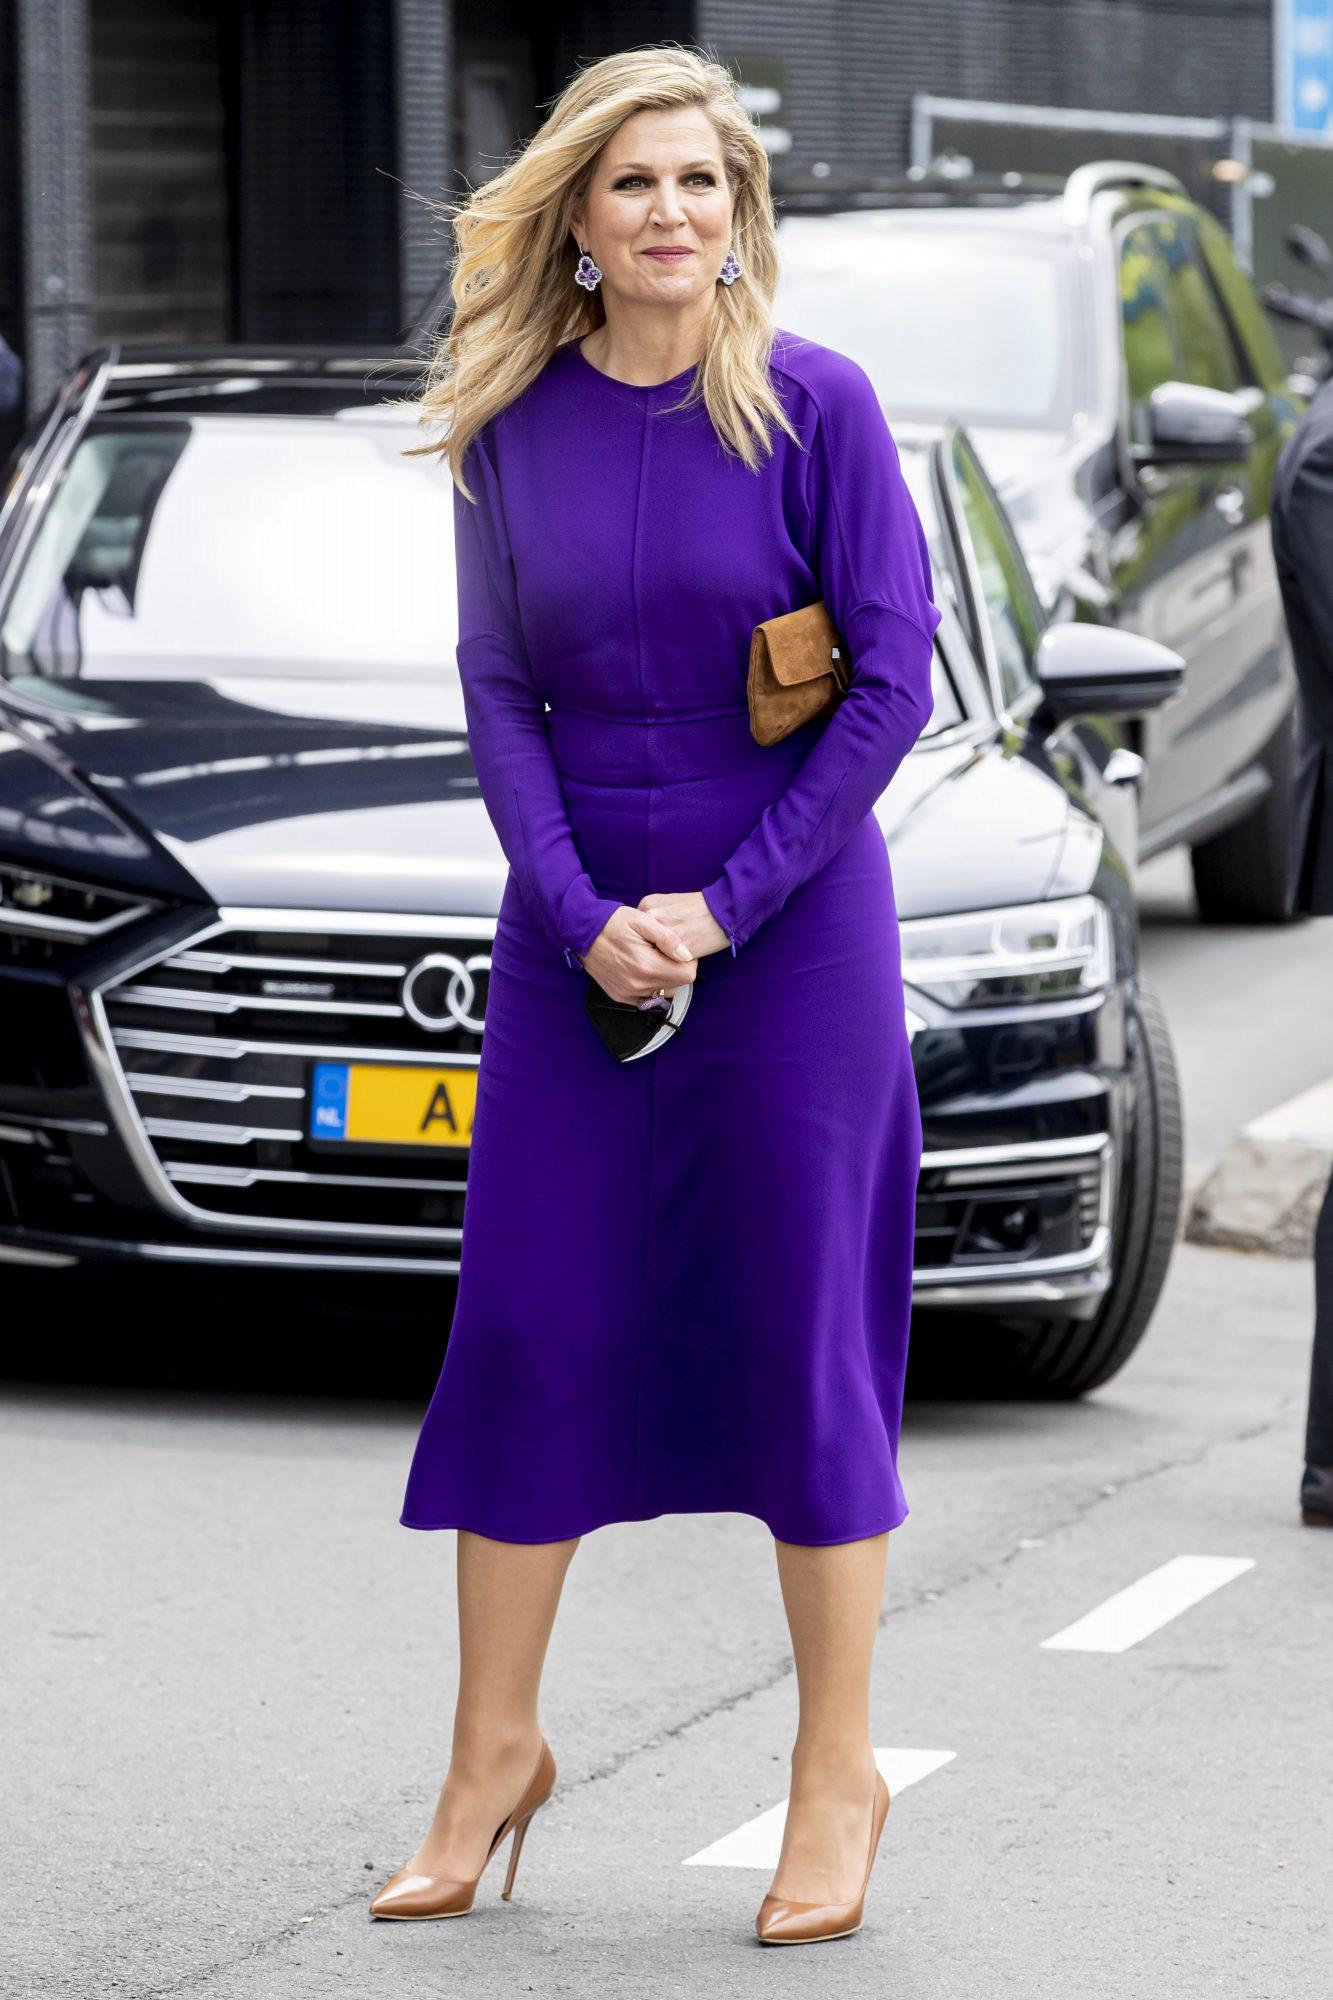 Reina Maxima de Holanda, look del dia, vestido morado